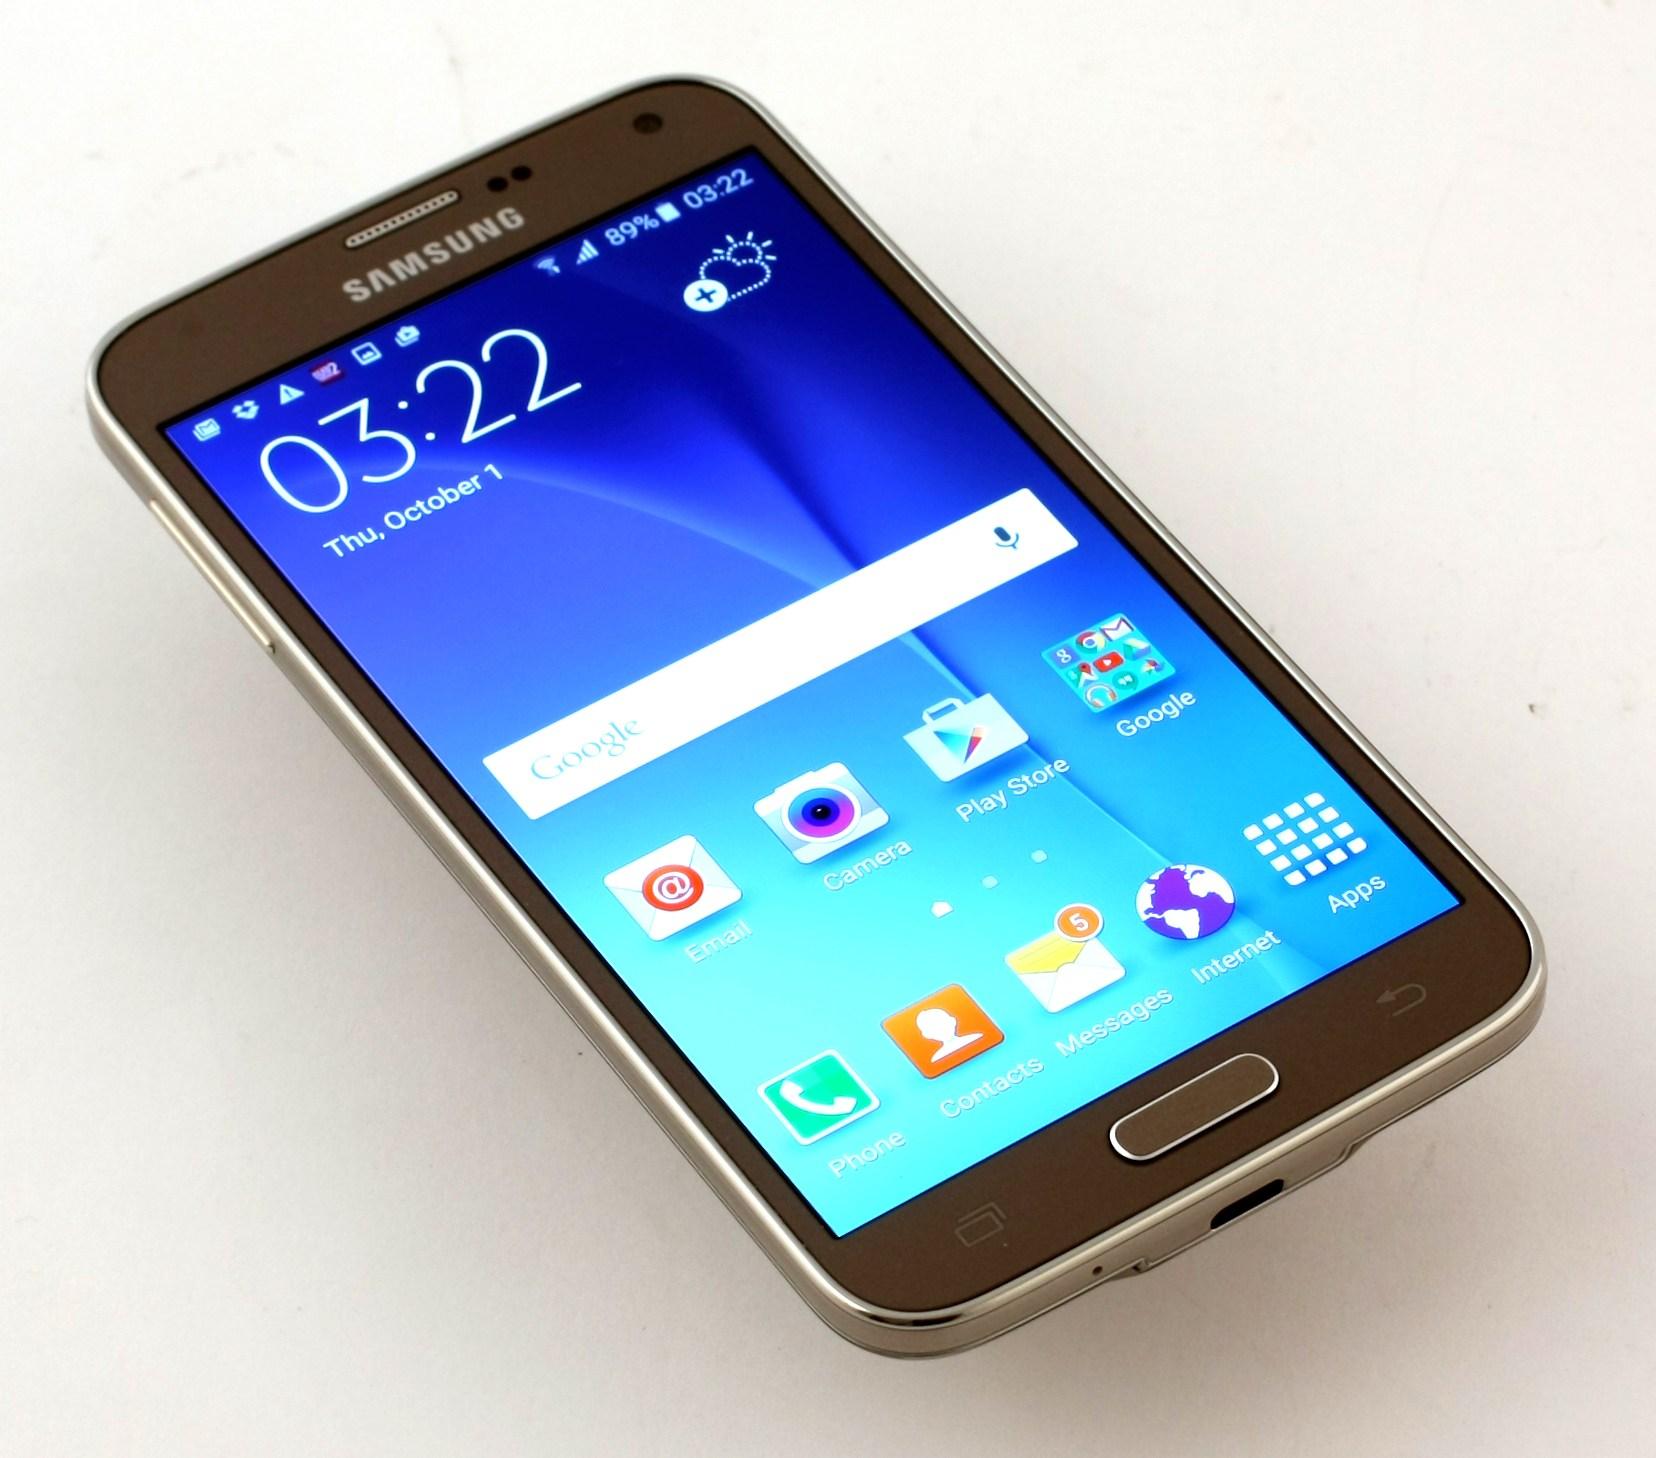 Scopri quanto è facile e veloce installare Nougat su un Samsung Galaxy S5 Neo 2